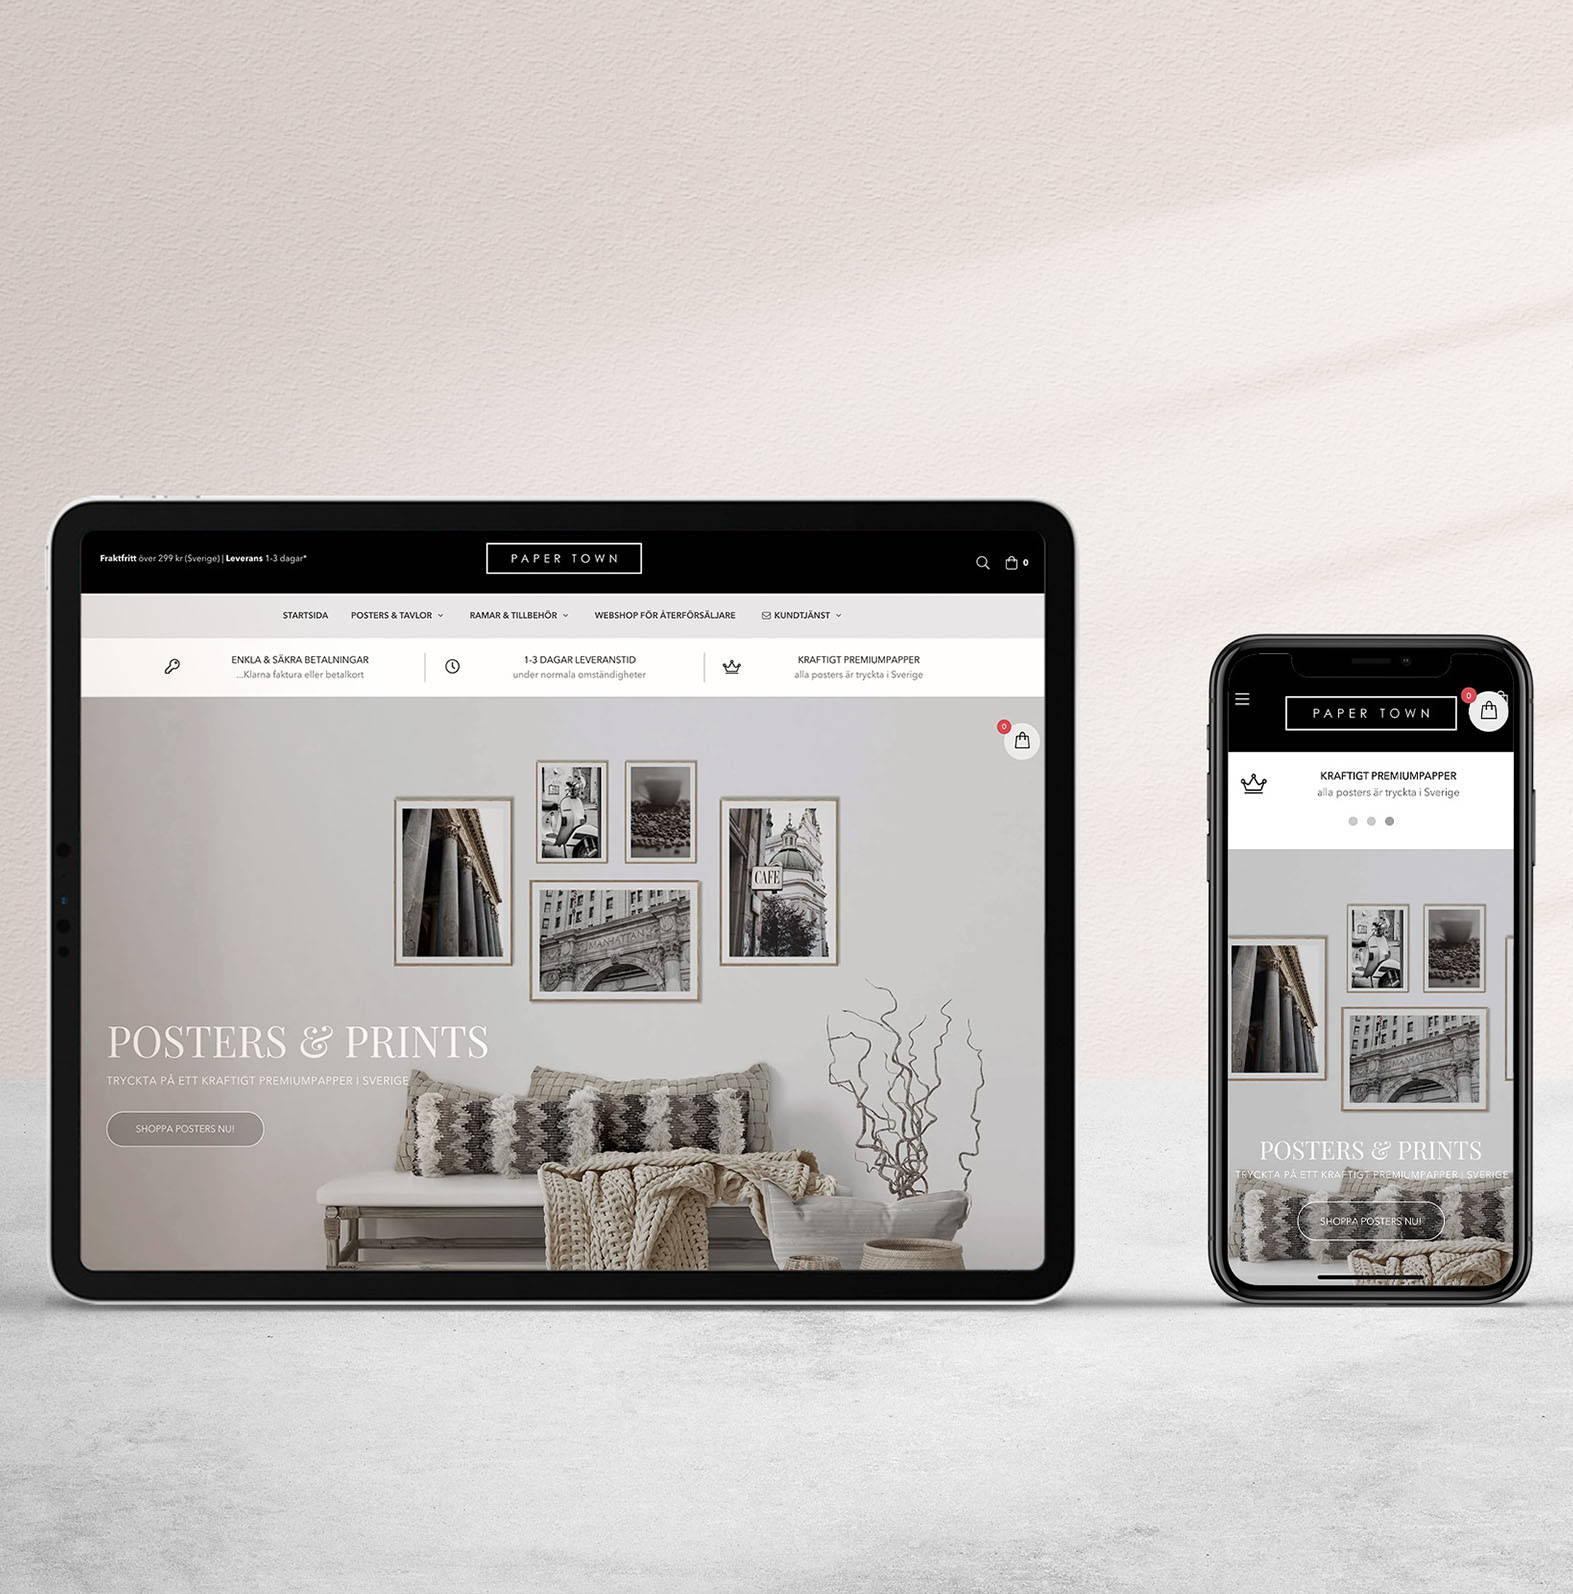 Shoppa matchande posters och tavlor online